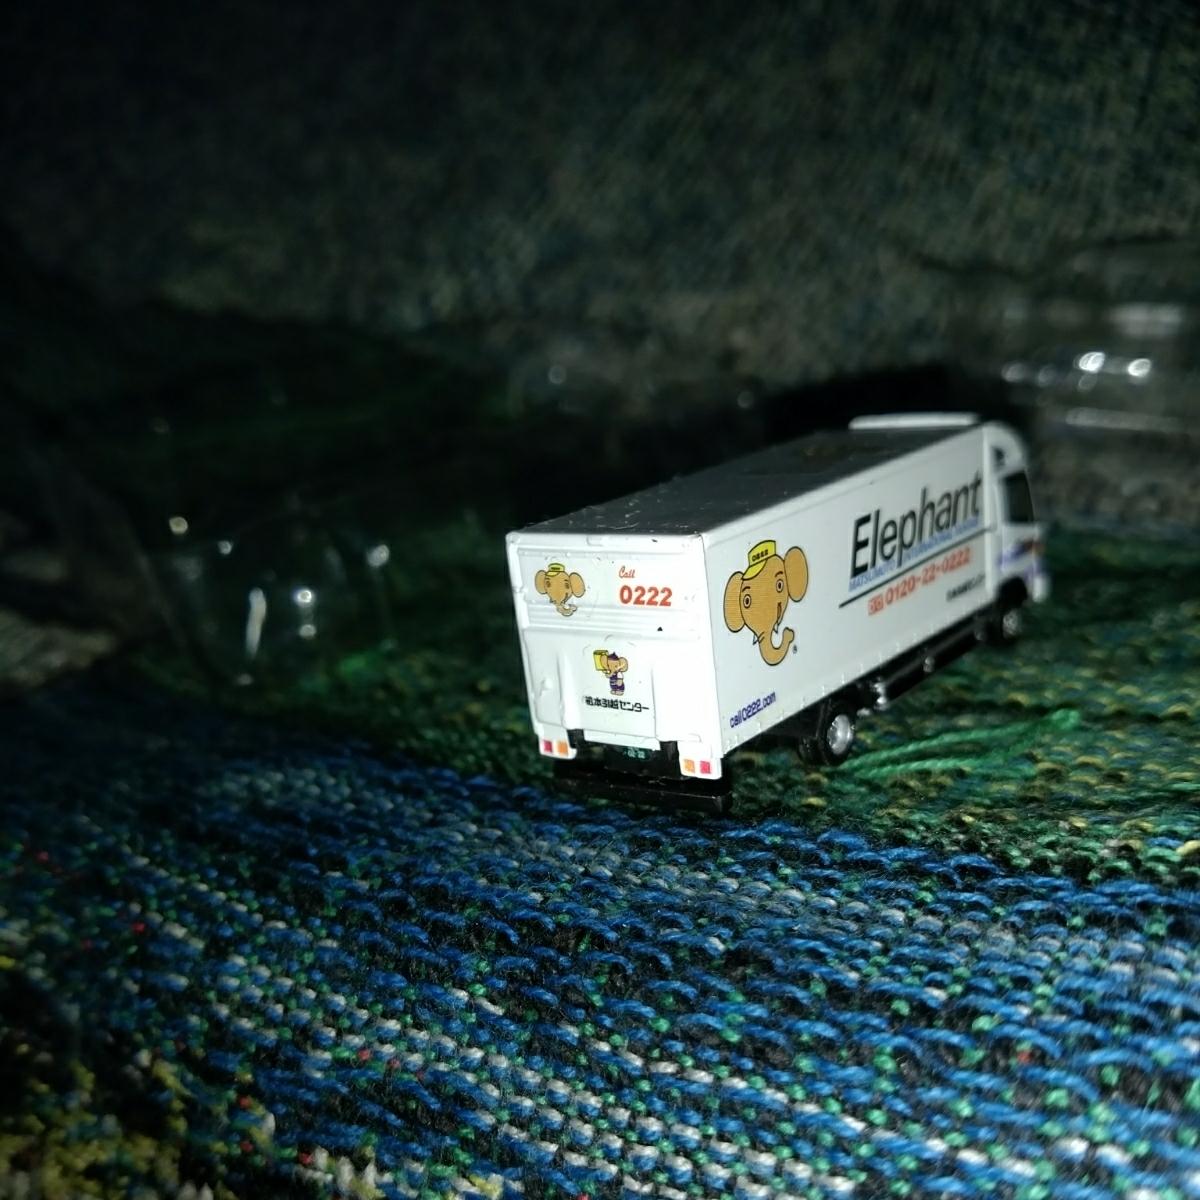 バンダイワーキングビーグル第3弾 引越中型トラック編 日野レンジャー 松本引越センター_画像8